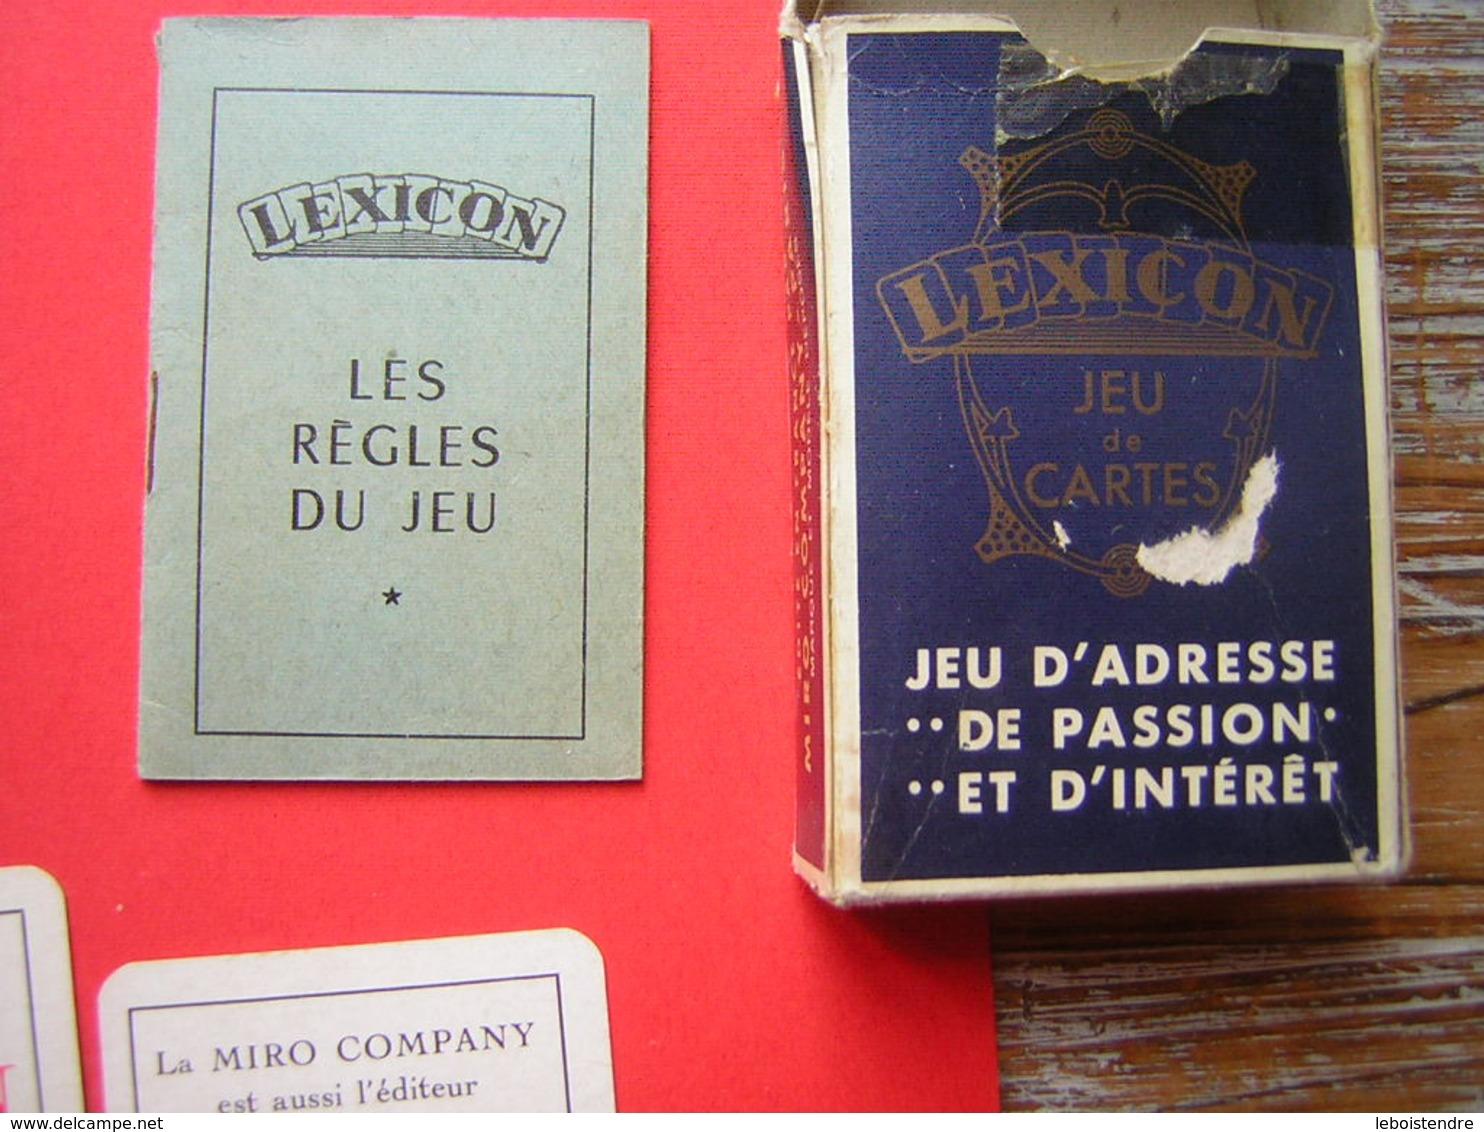 LEXICON  JEU DE 52  CARTES AVEC SA REGLE DU JEU+ 3 CARTES PUB SON CARTONNAGE  LA MIRO COMPANY EDITEUR DU MONOPOLY - Spielkarten